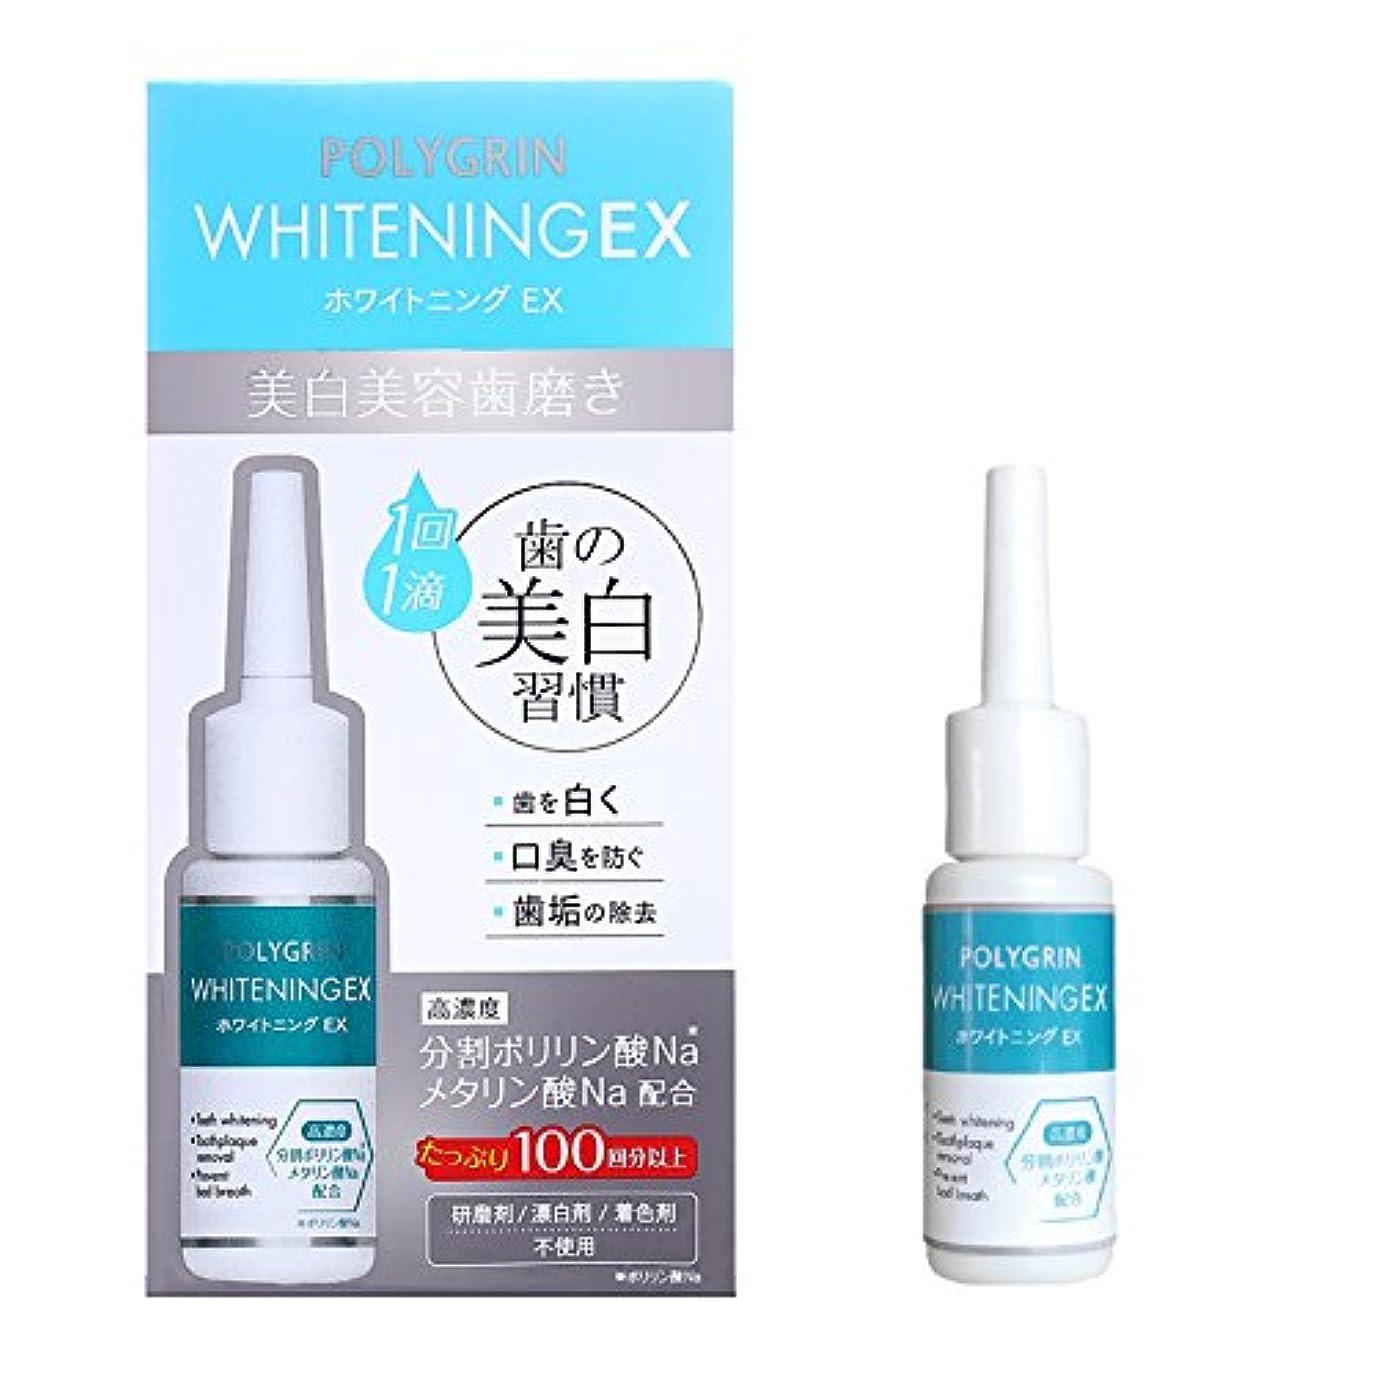 テロリスト不快なに向かってポリグリン(POLYGRIN) ホワイトニングEX 10ml